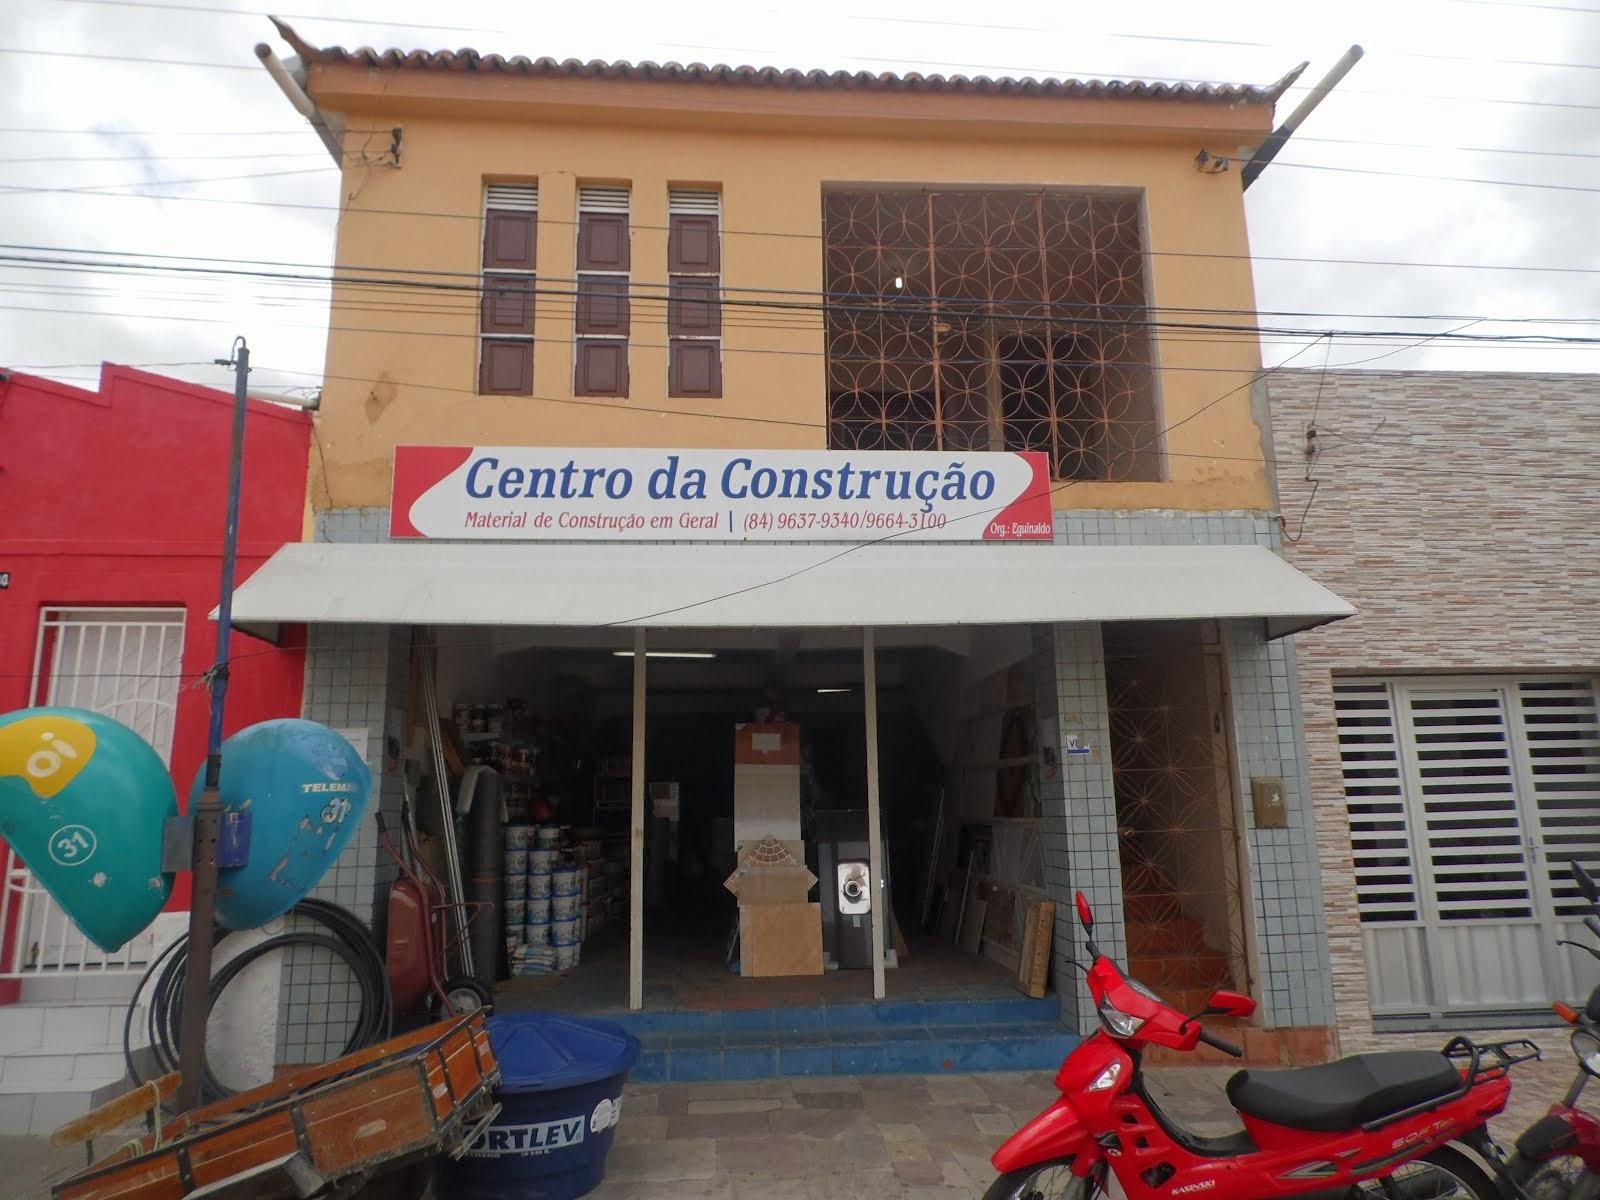 Centro da Construção